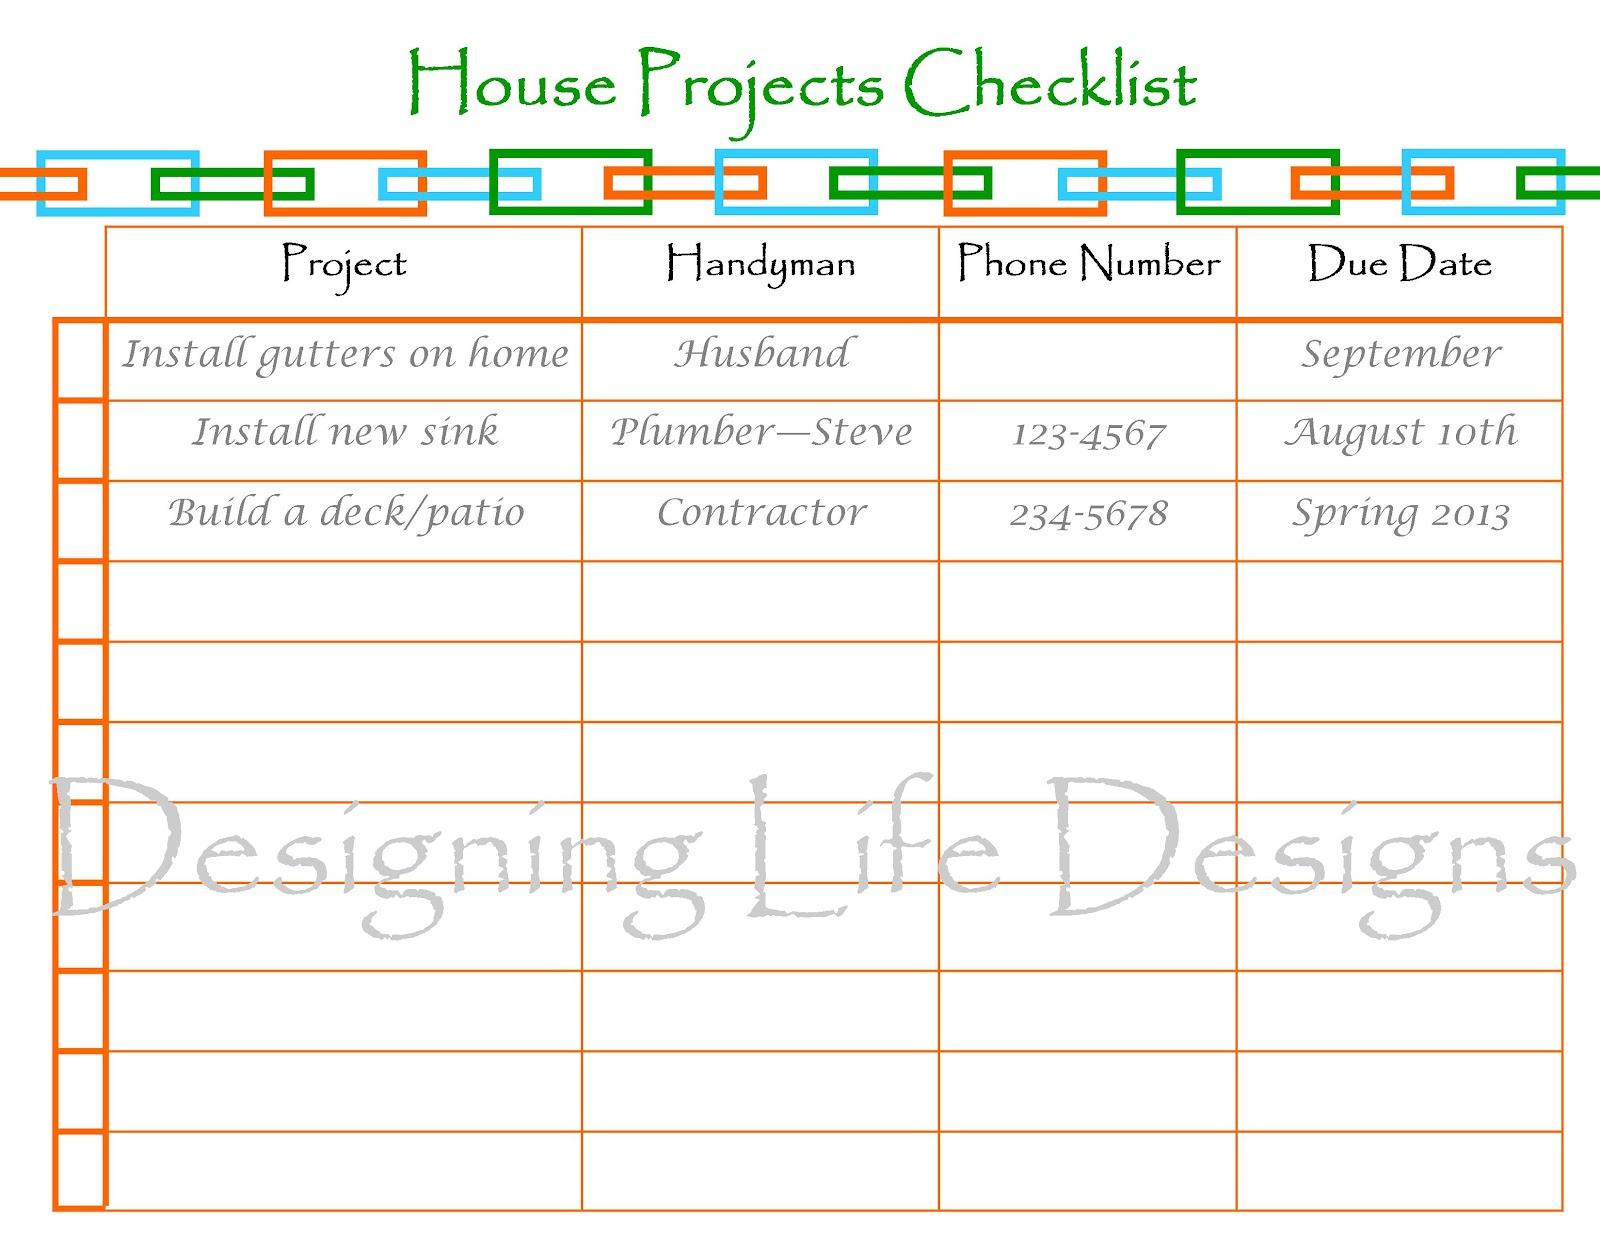 Designing Life July